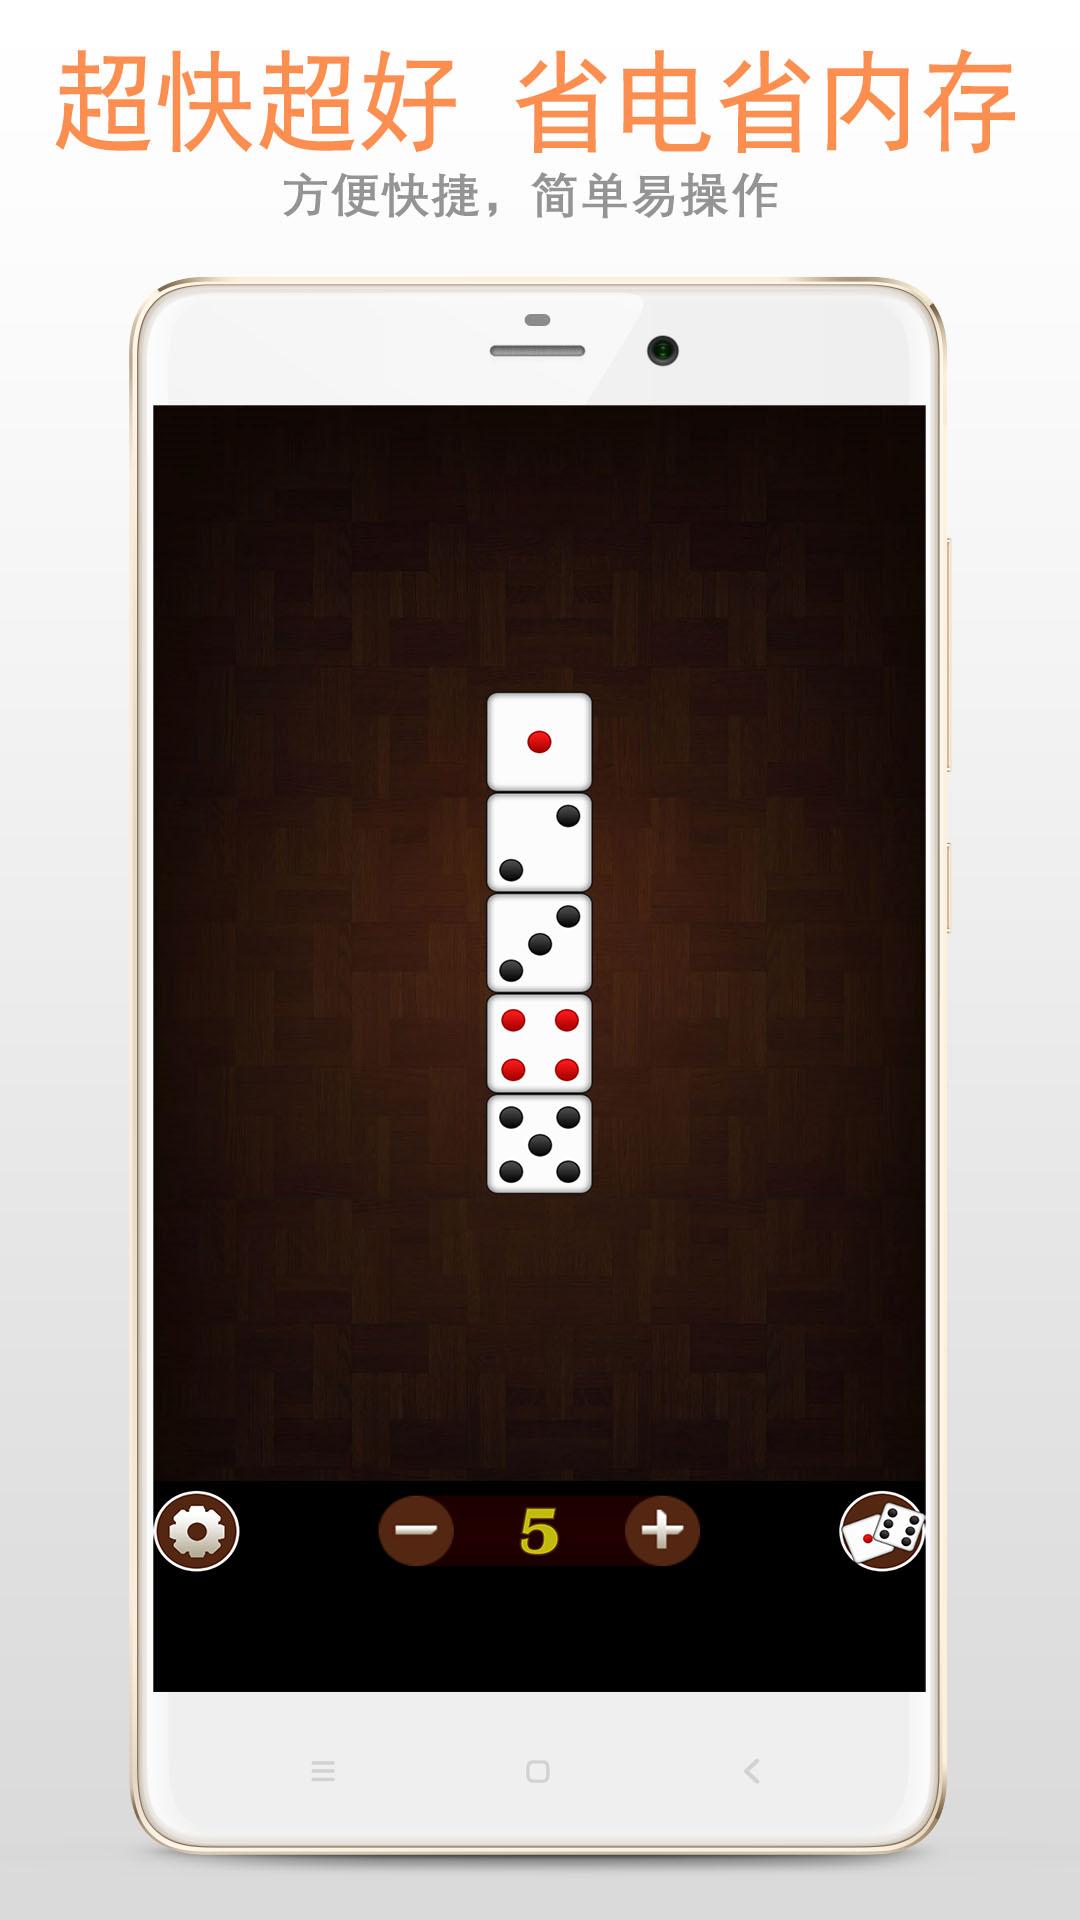 骰子-应用截图